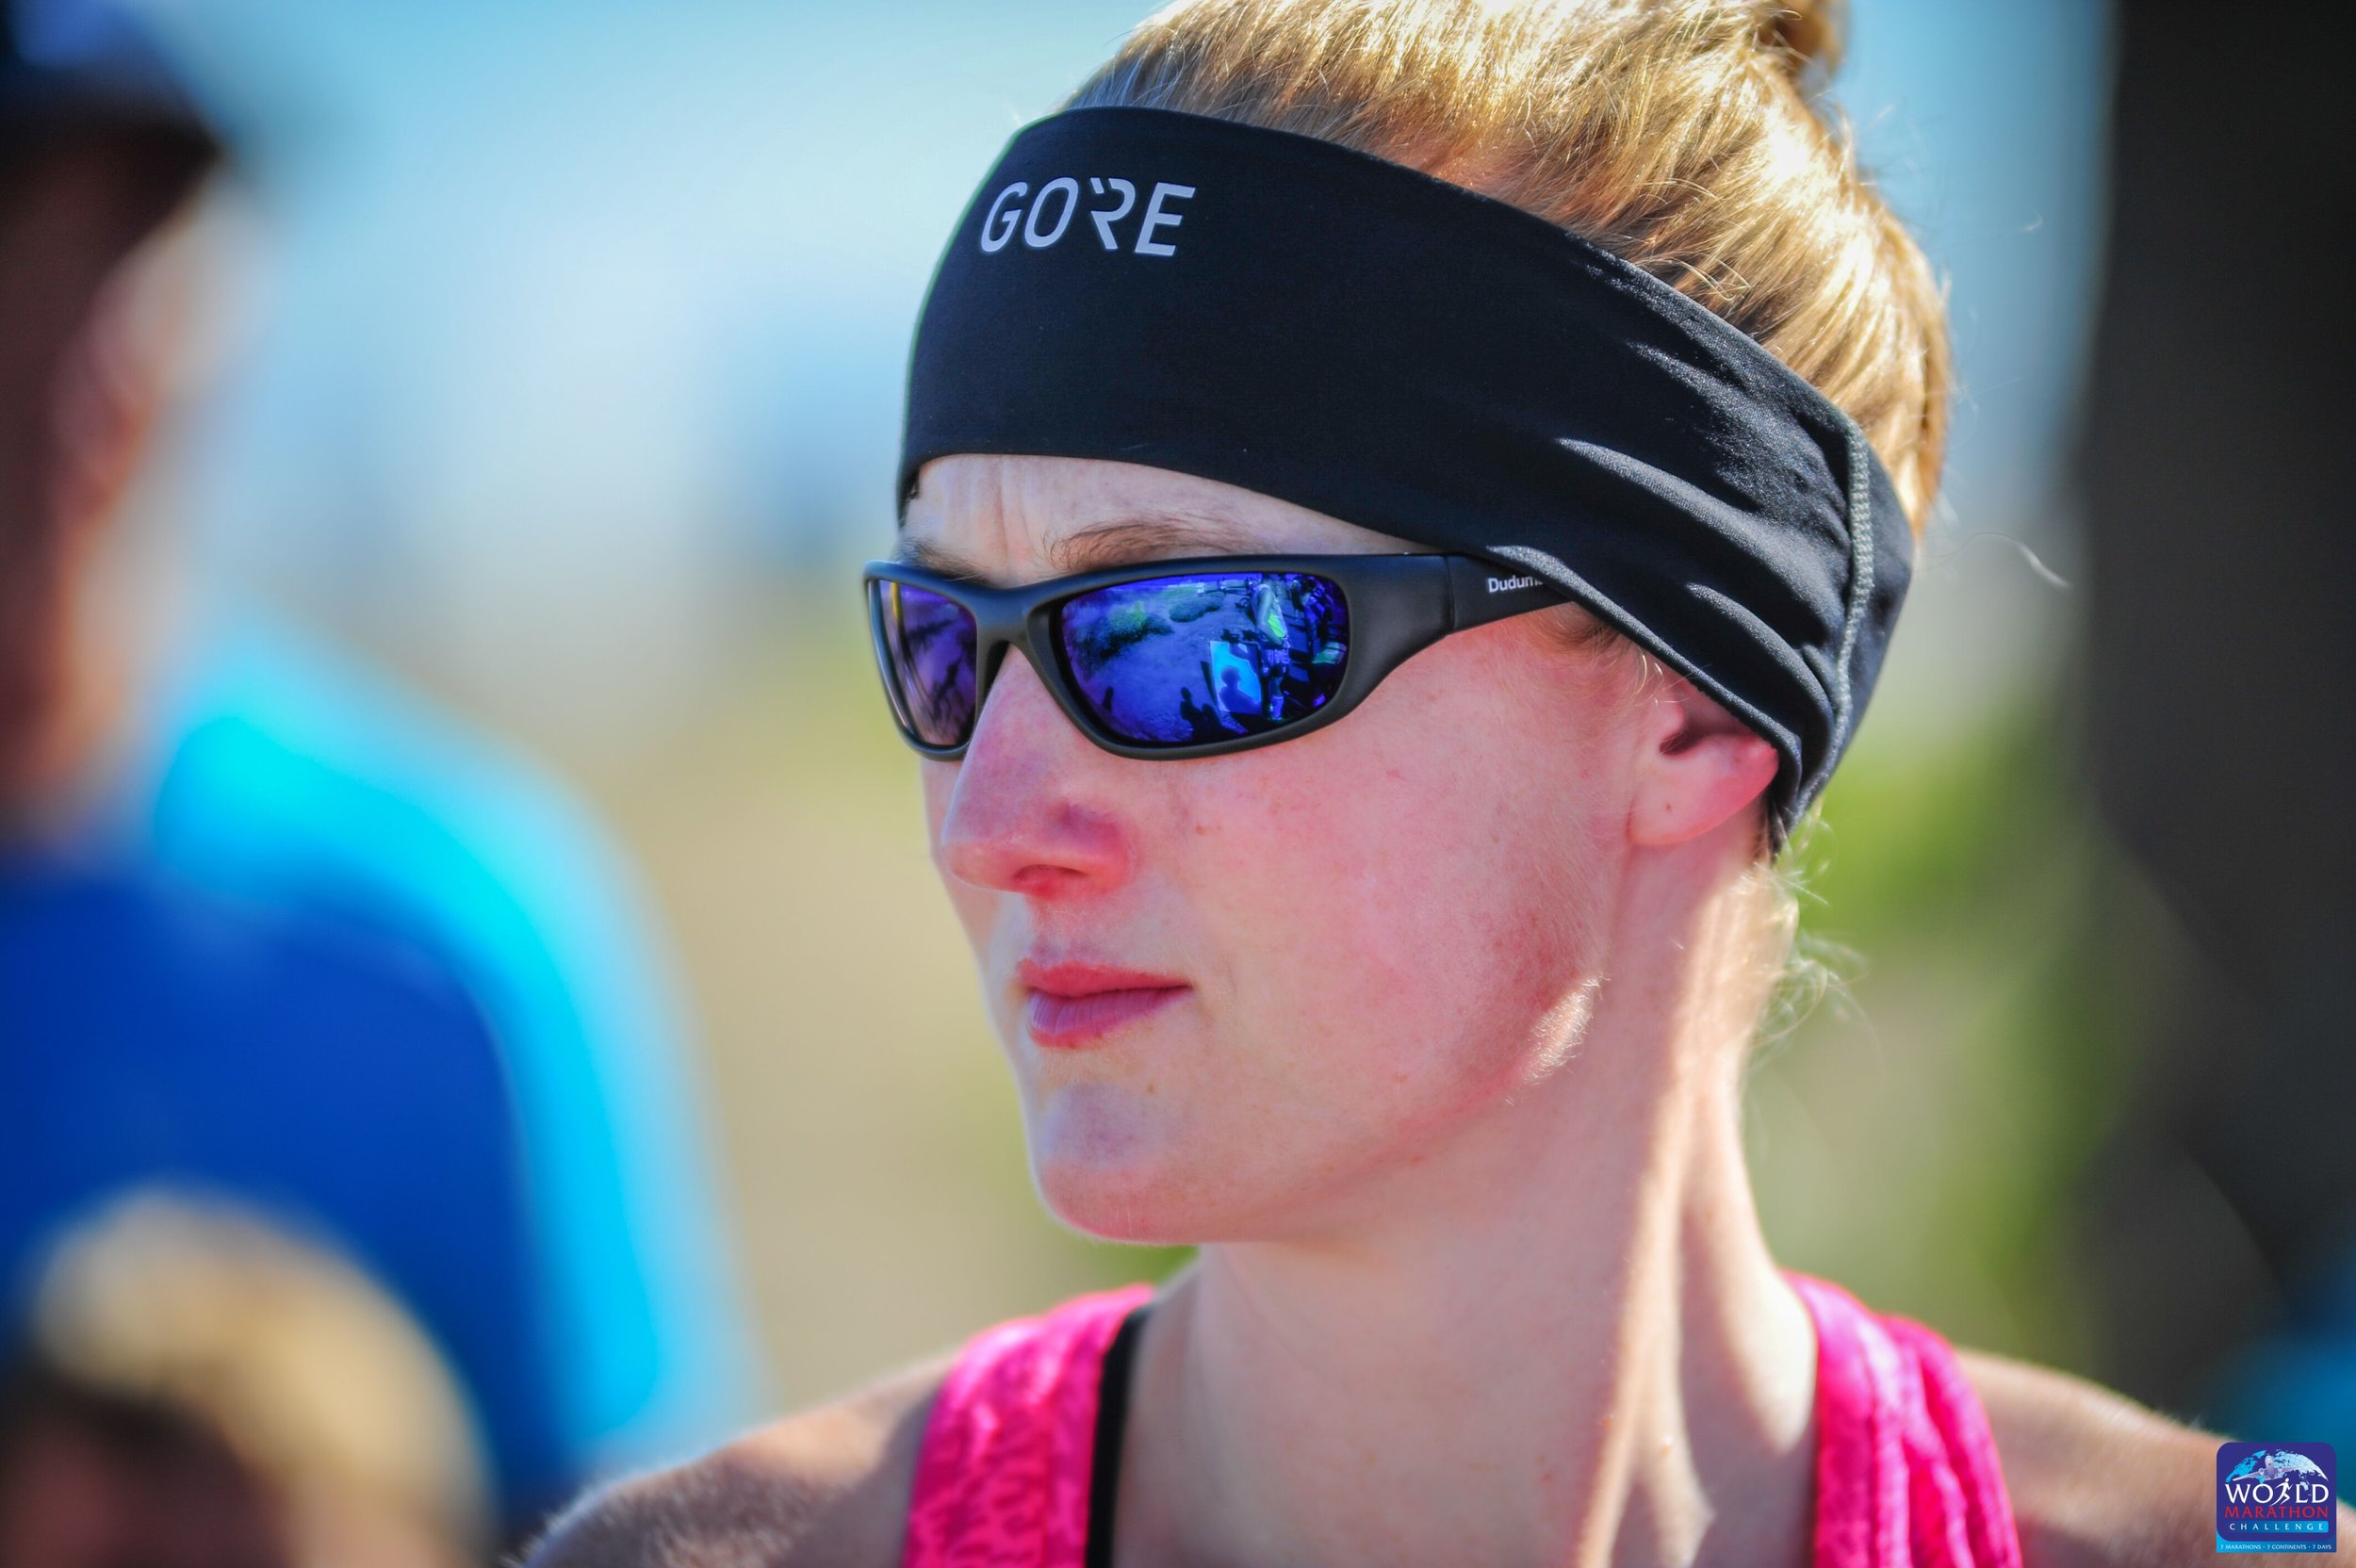 Susannah Gill pre race in Cape Town 2.jpg